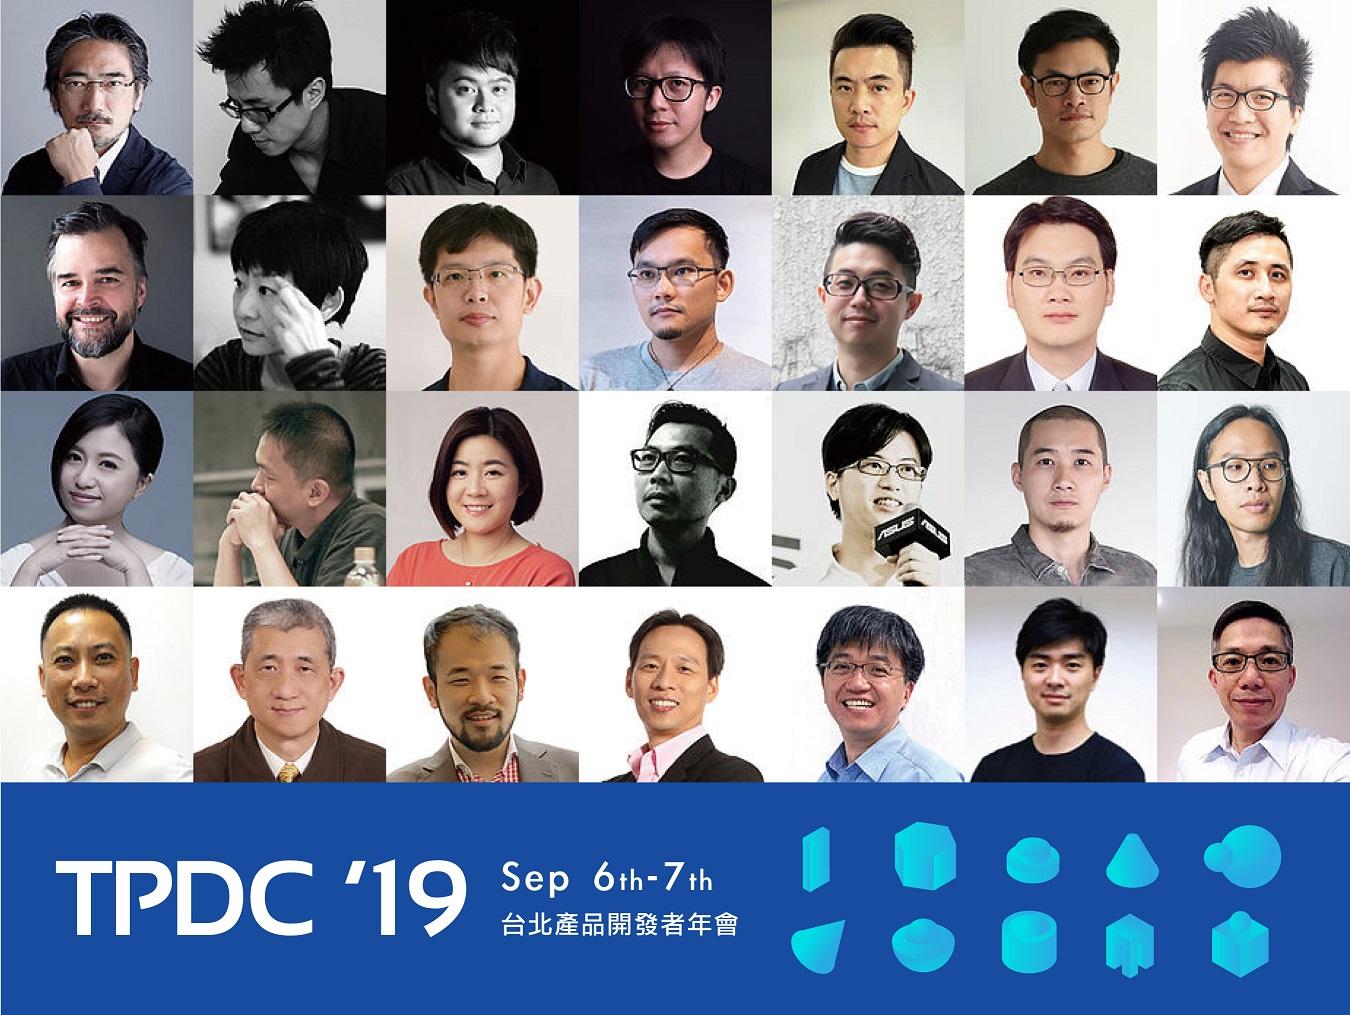 產品知識高峰會!台灣首屆產品開發者年會將於9/6-7盛大舉行